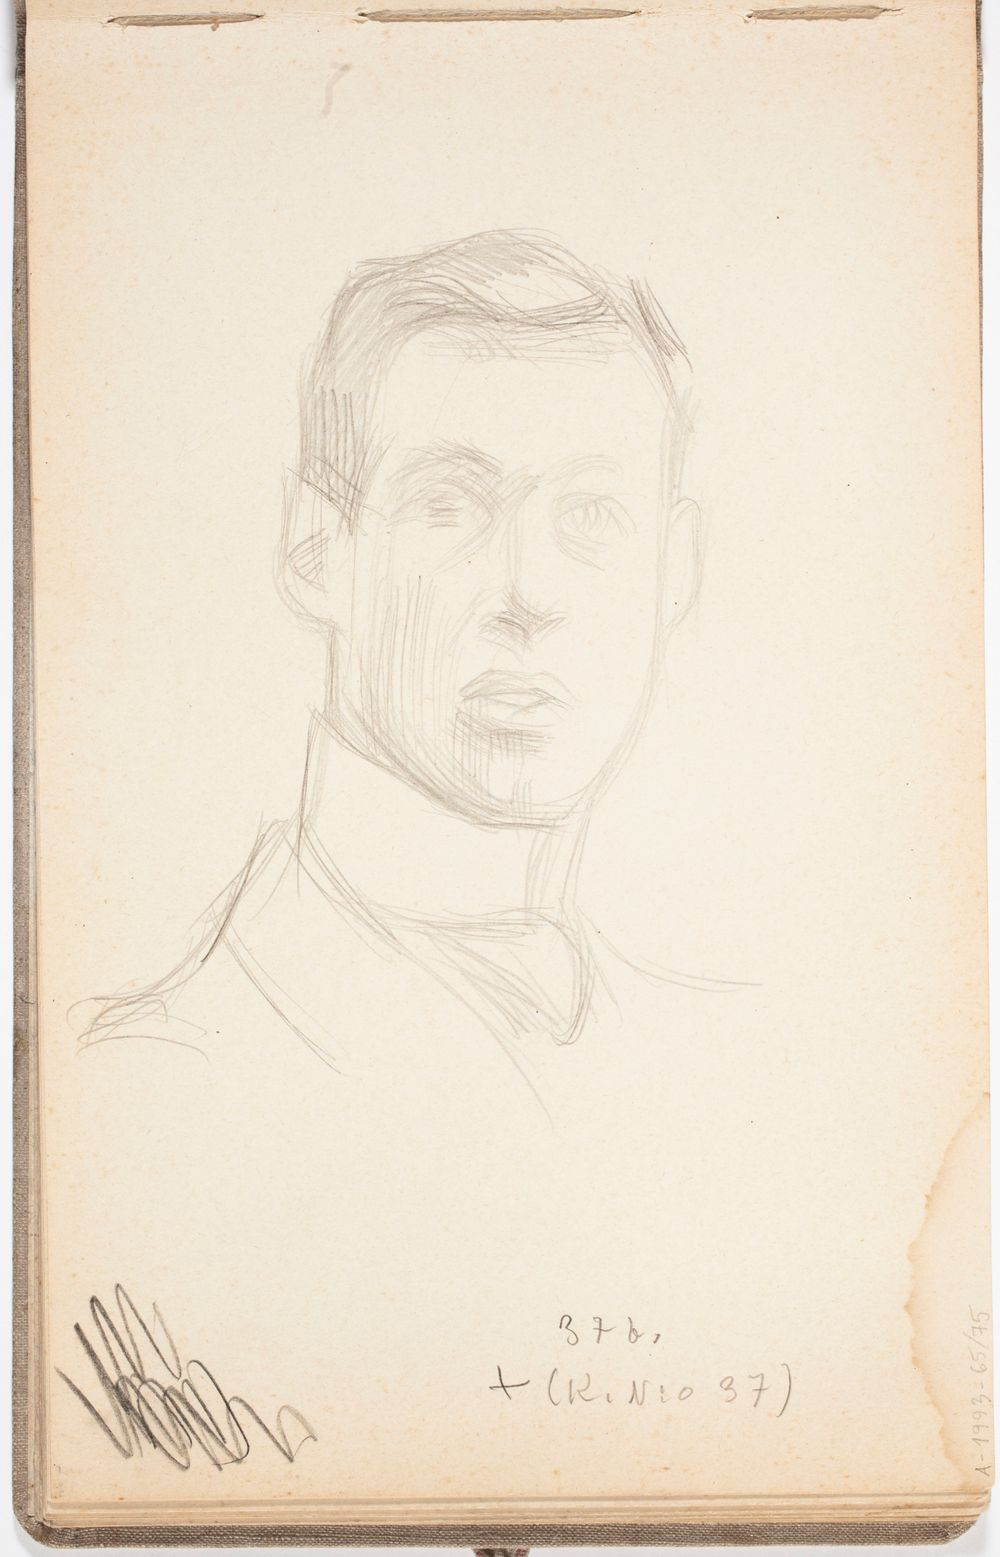 Miehen muotokuvaluonnos. Todennäköisesti n. 1908-09.